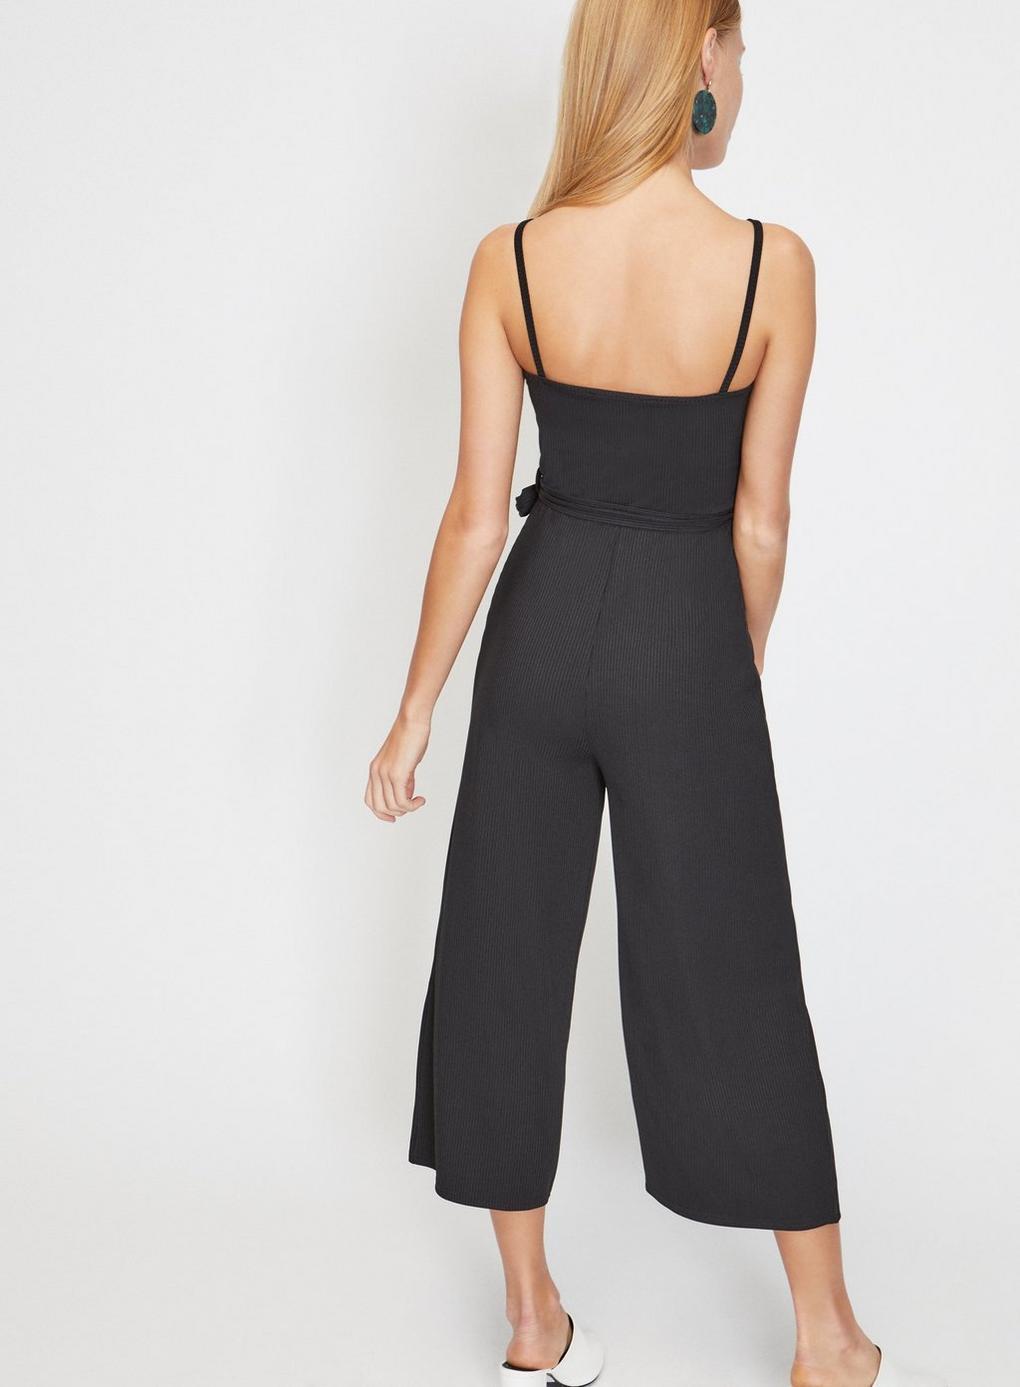 6f6b9f9f456 Miss Selfridge - Black Wrap Front Ribbed Culottes Jumpsuit - Lyst. View  fullscreen